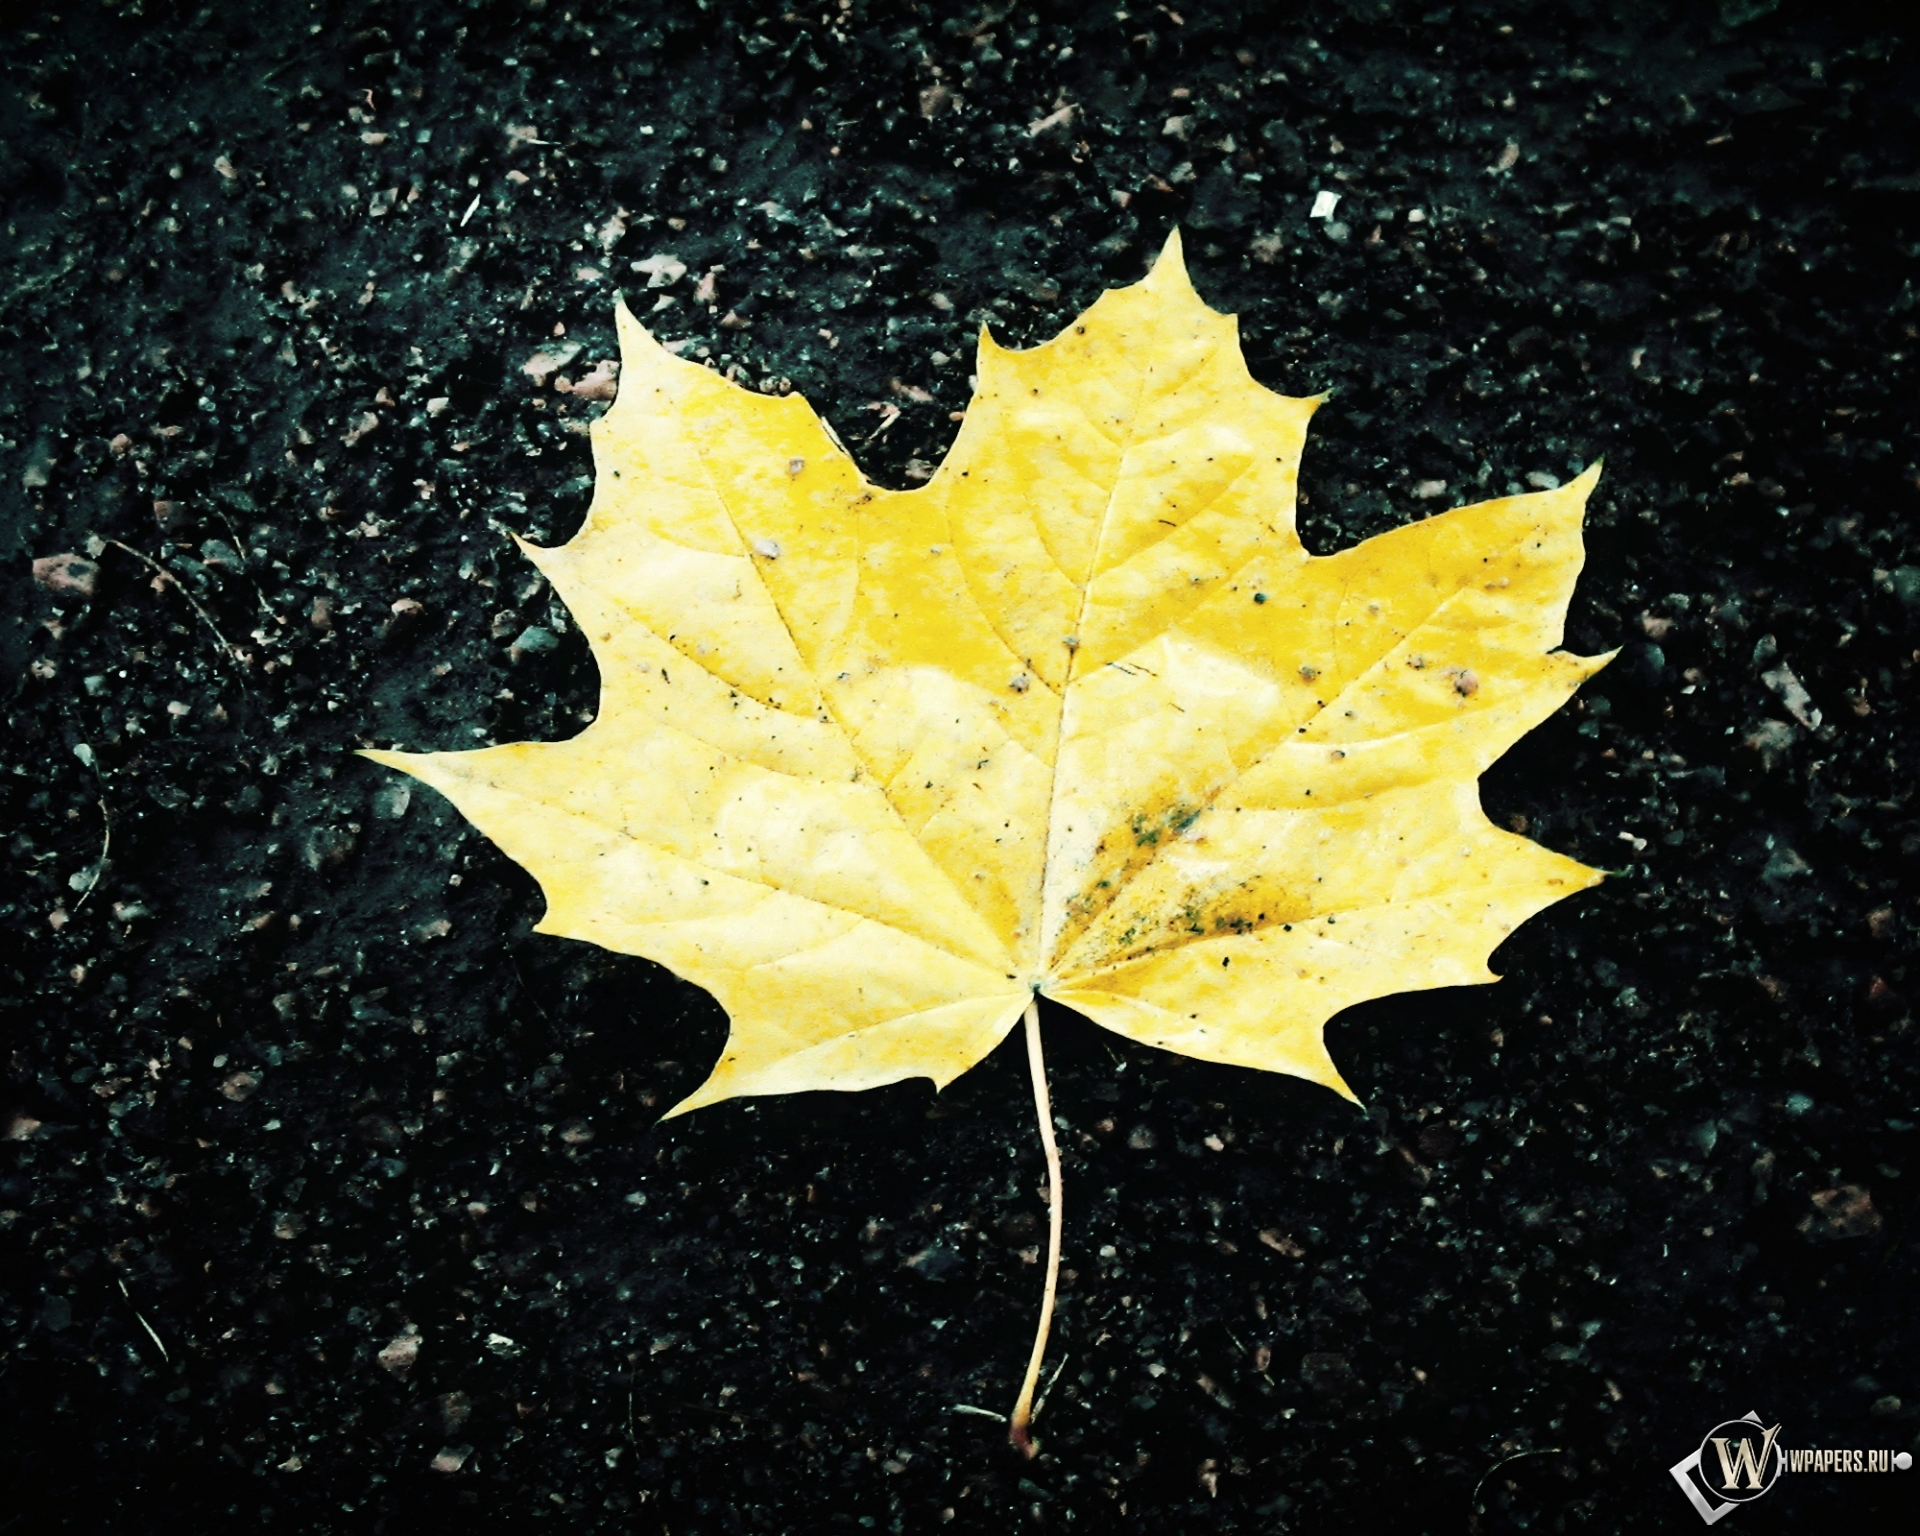 Жёлтый кленовый лист 1920x1536